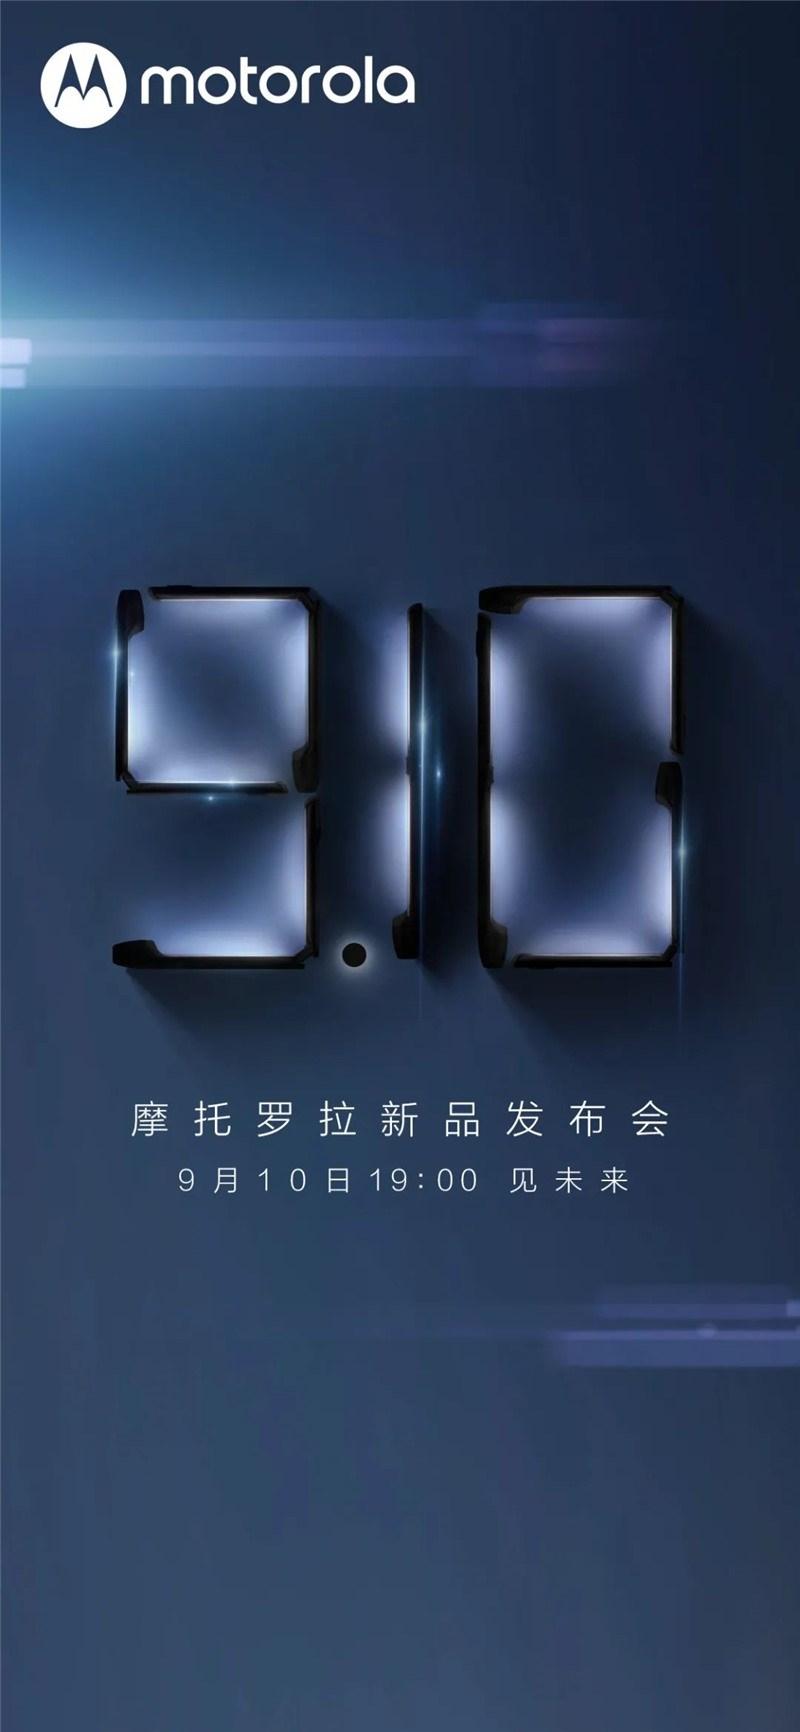 摩托罗拉公布新品发布会时间,国行Razr9月10日亮相